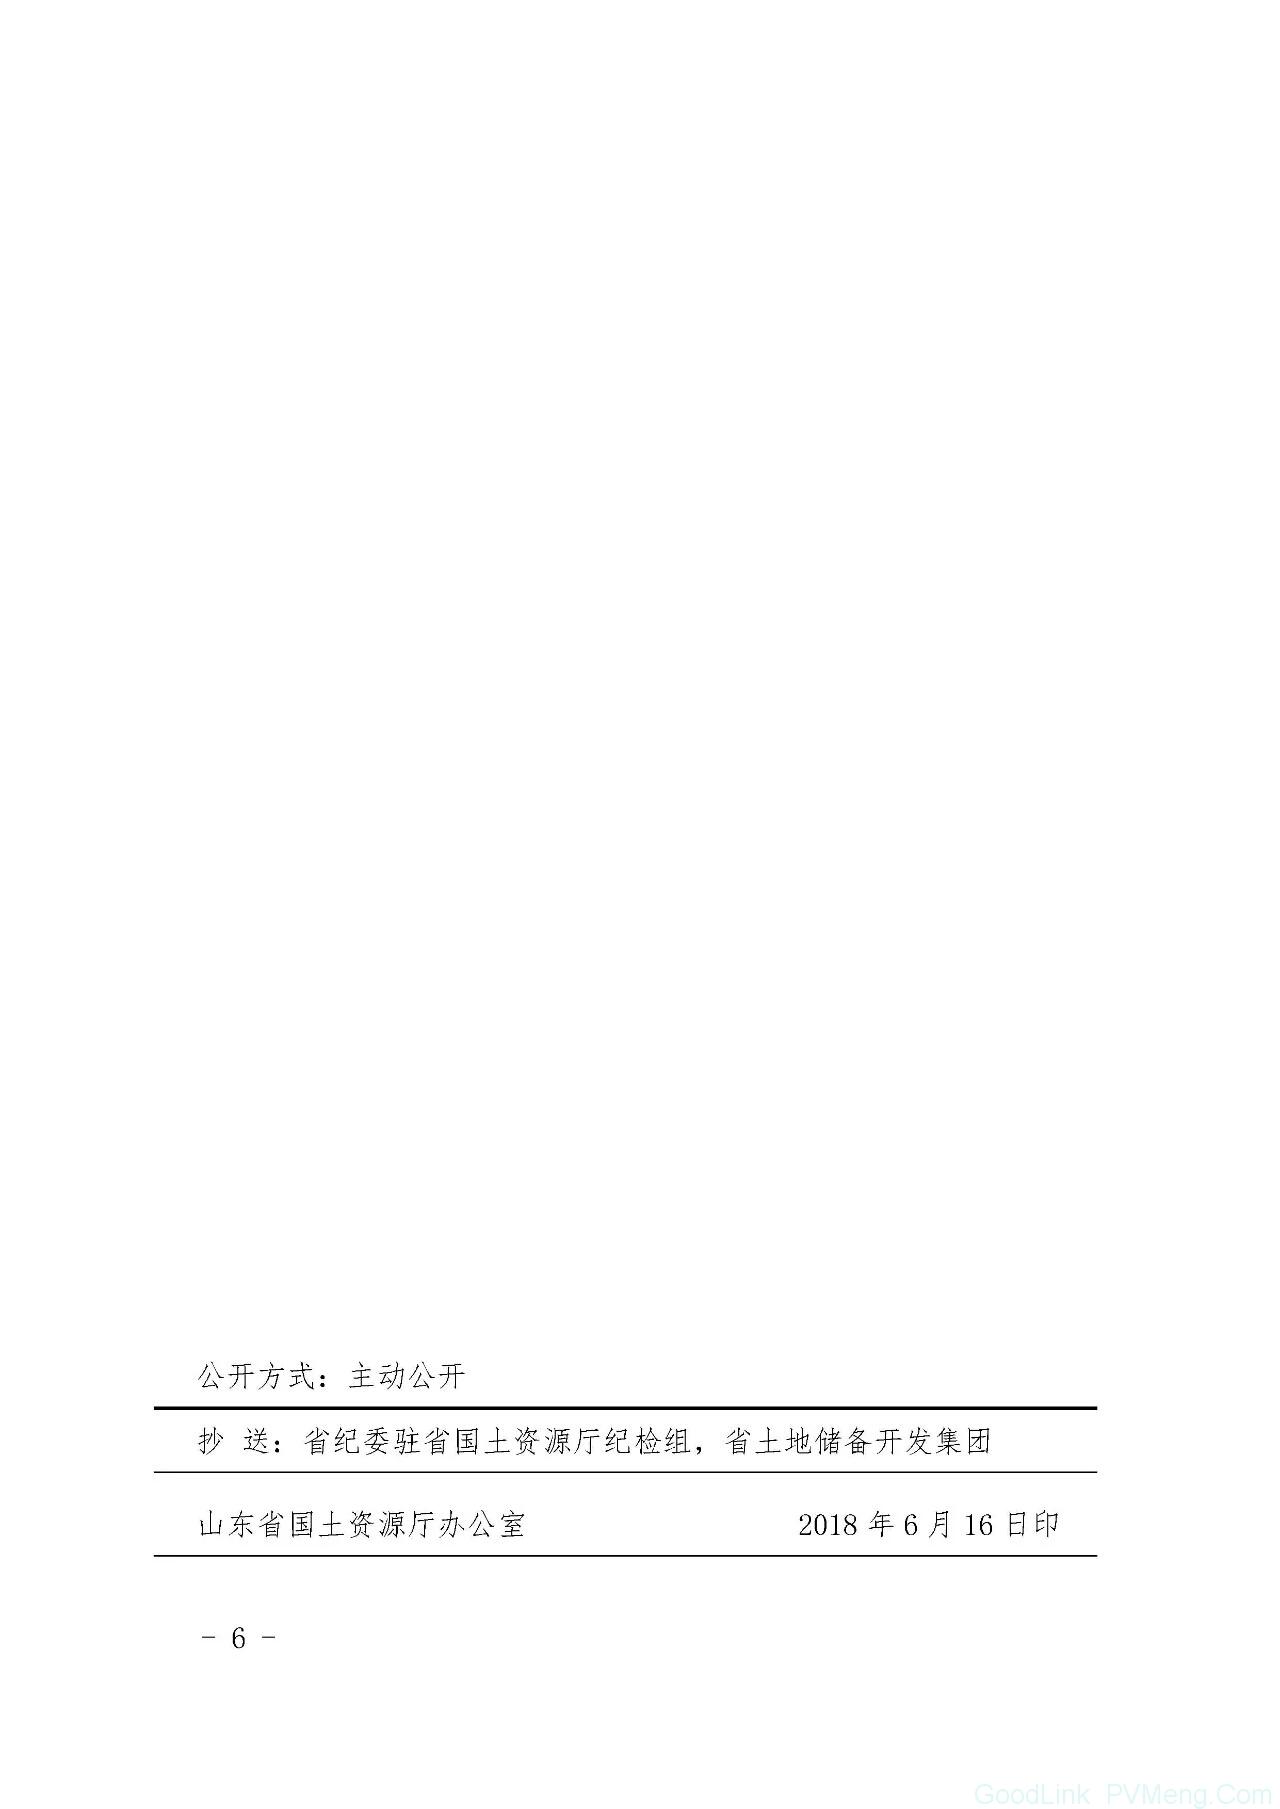 """0180616鲁国土资规〔2018〕4号-关于保障和规范光伏项目用地管理的通知(附政策解读)"""""""